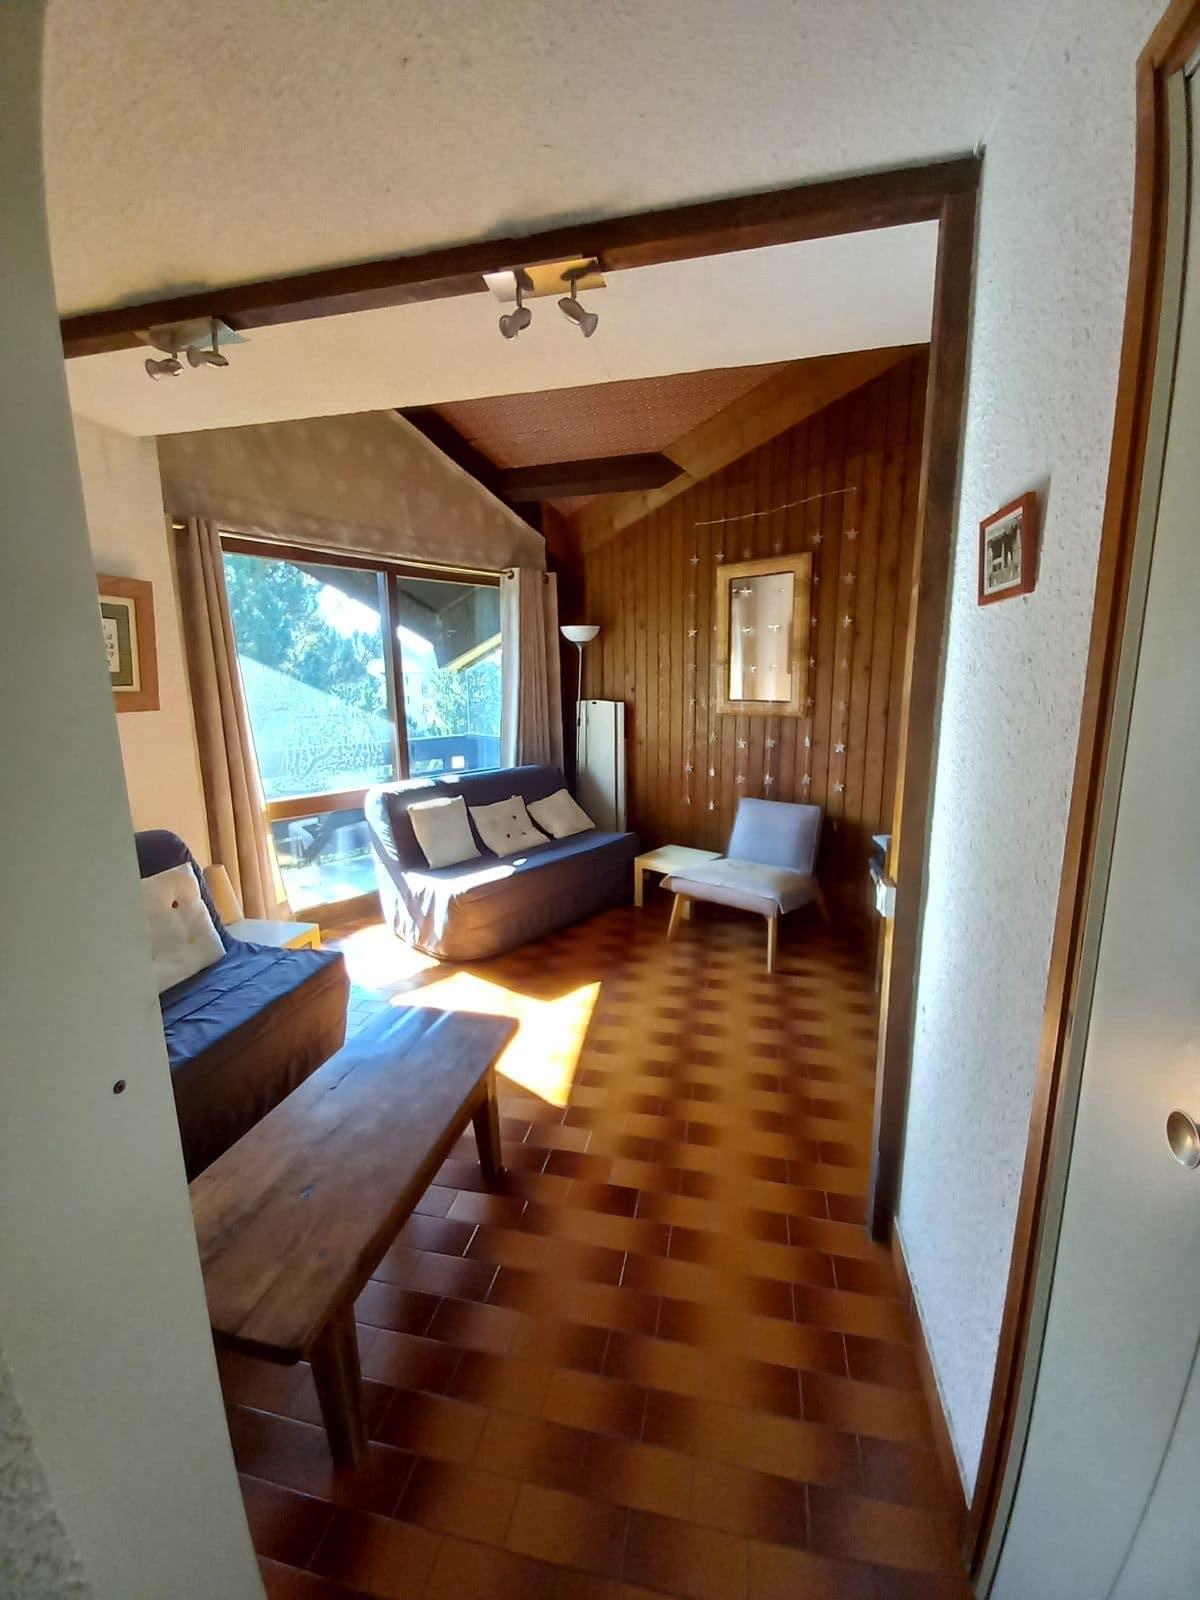 20211011 143413 - ANCELLE T3 DE 47 m² (8 COUCHAGES) AVEC TROIS BALCONS